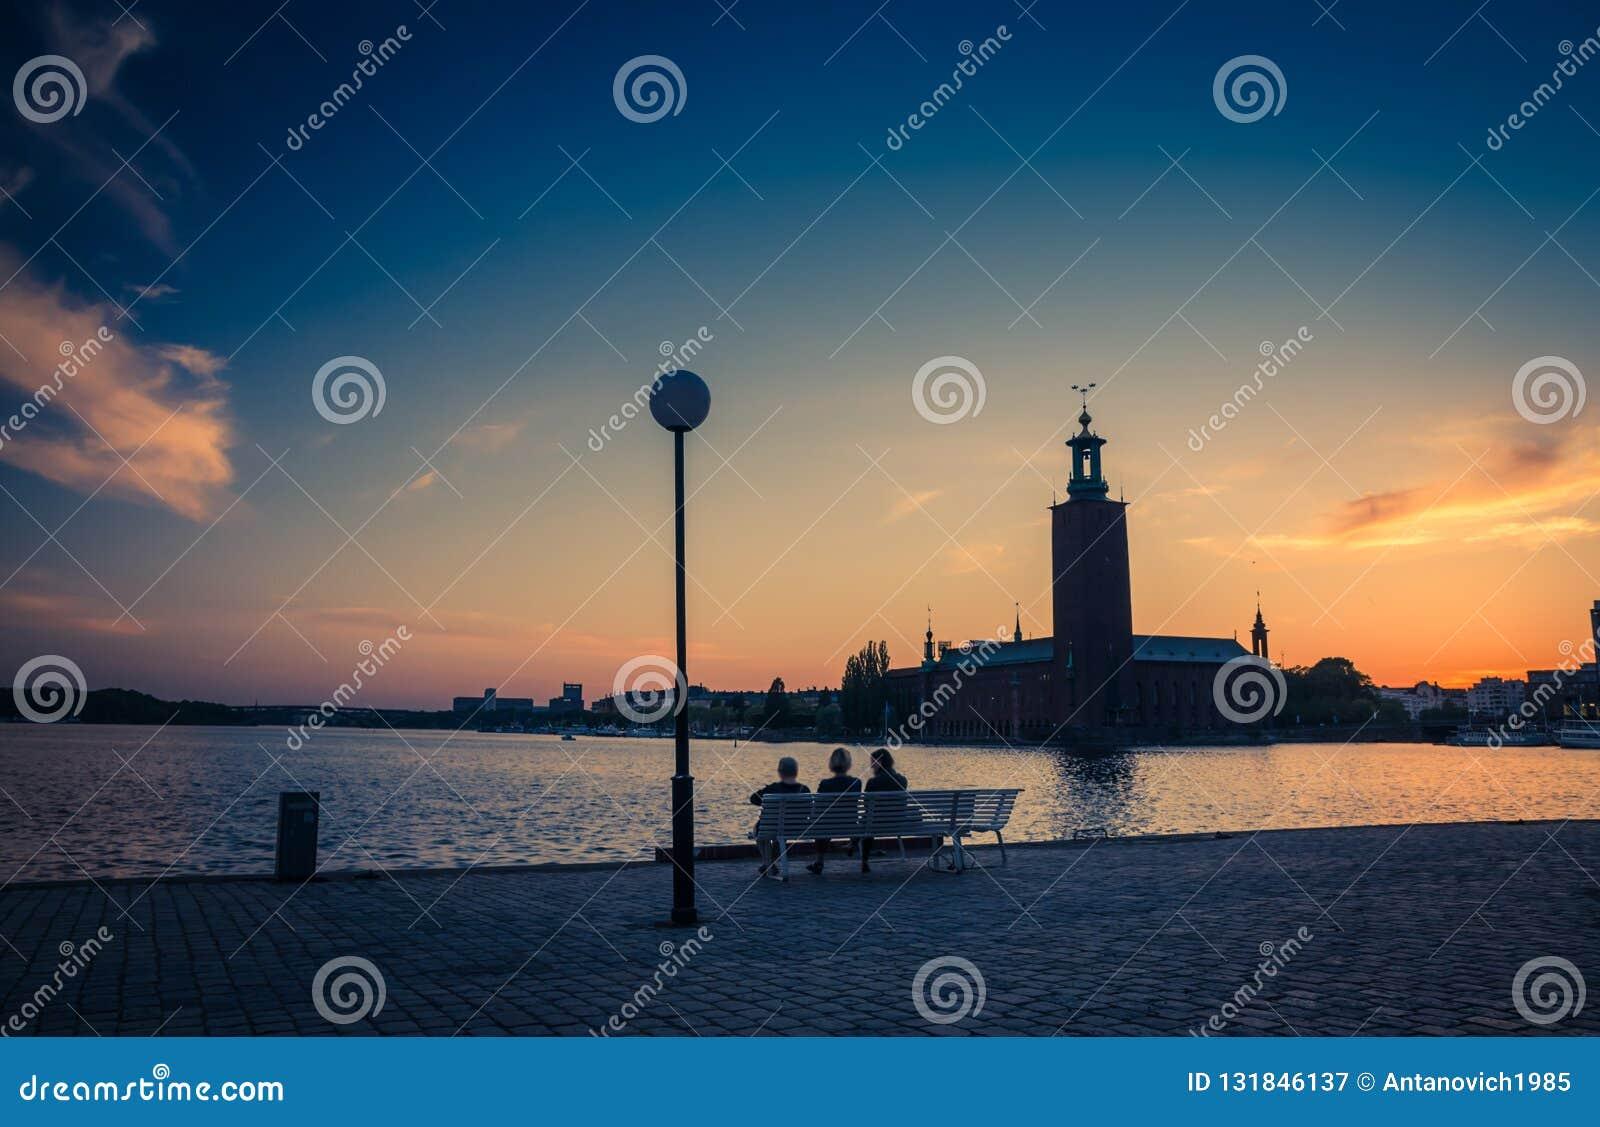 Sylwetka kobiety siedzi na ławce, Sztokholm urząd miasta, szwed